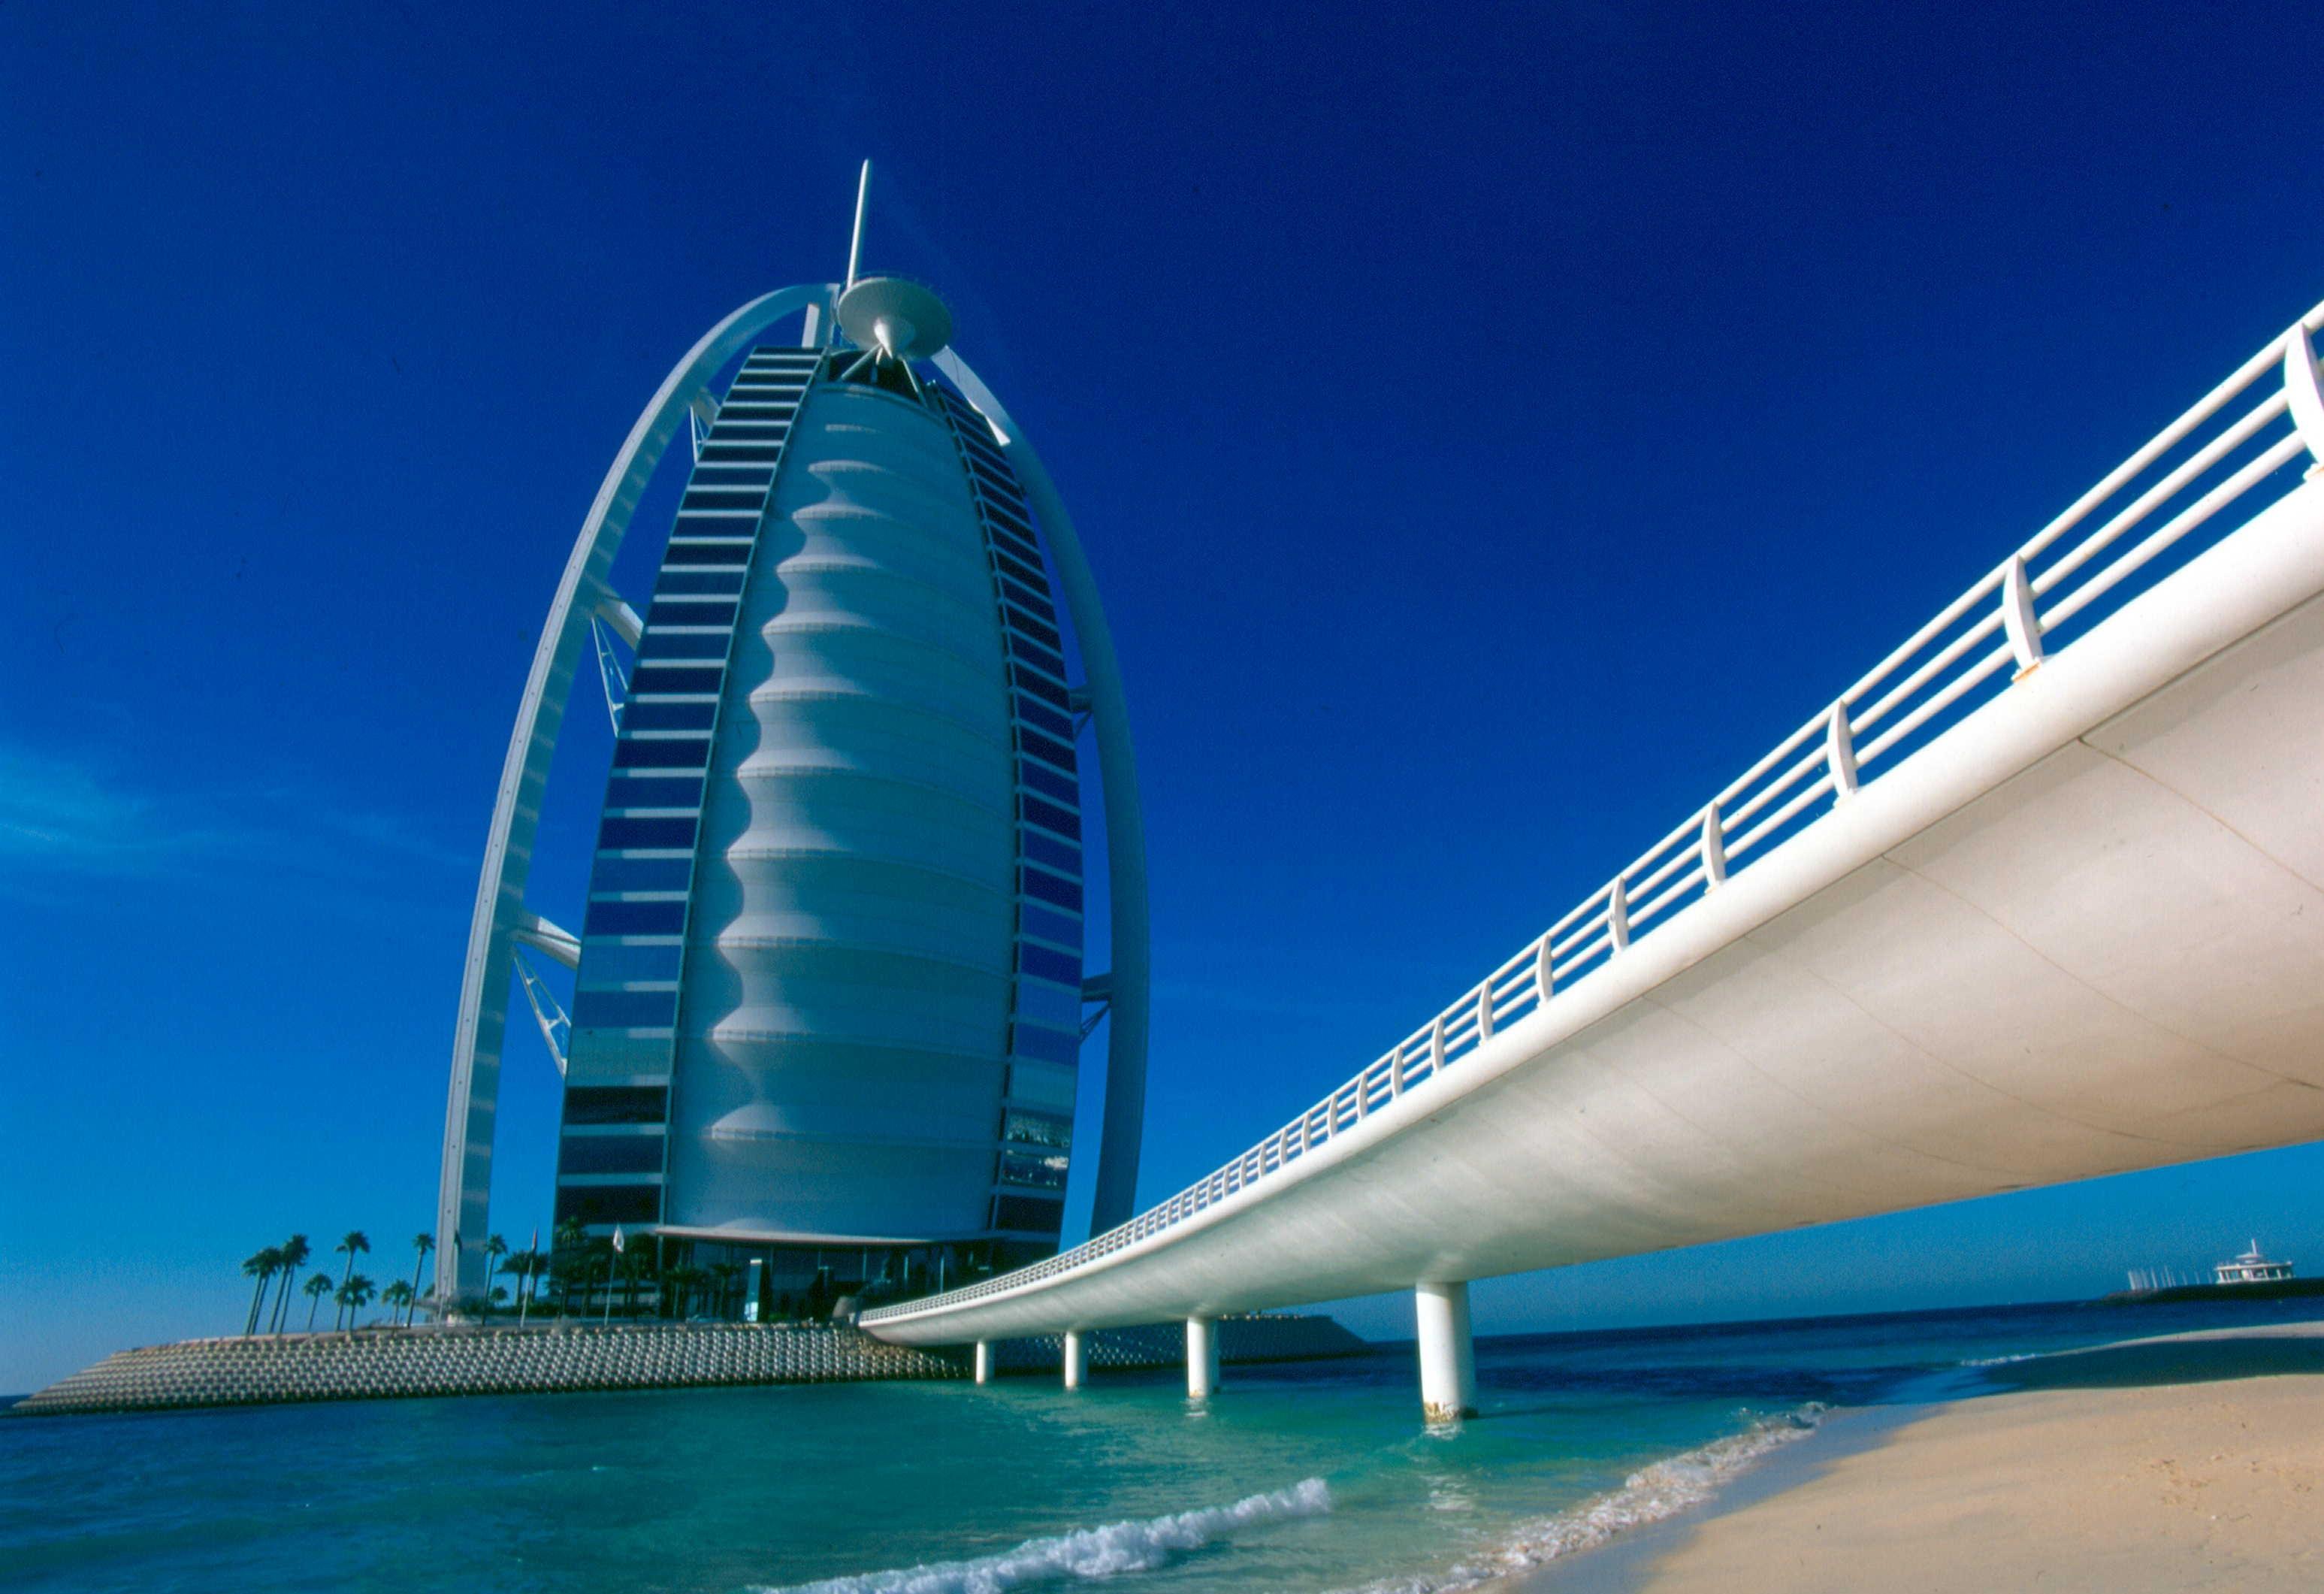 【暑期】迪拜+马尔代夫6晚9天自由行(上海直飞,入住迪拜2晚+4晚马尔代夫酒店,库拉马堤岛或指定岛屿,任君选择,含早)